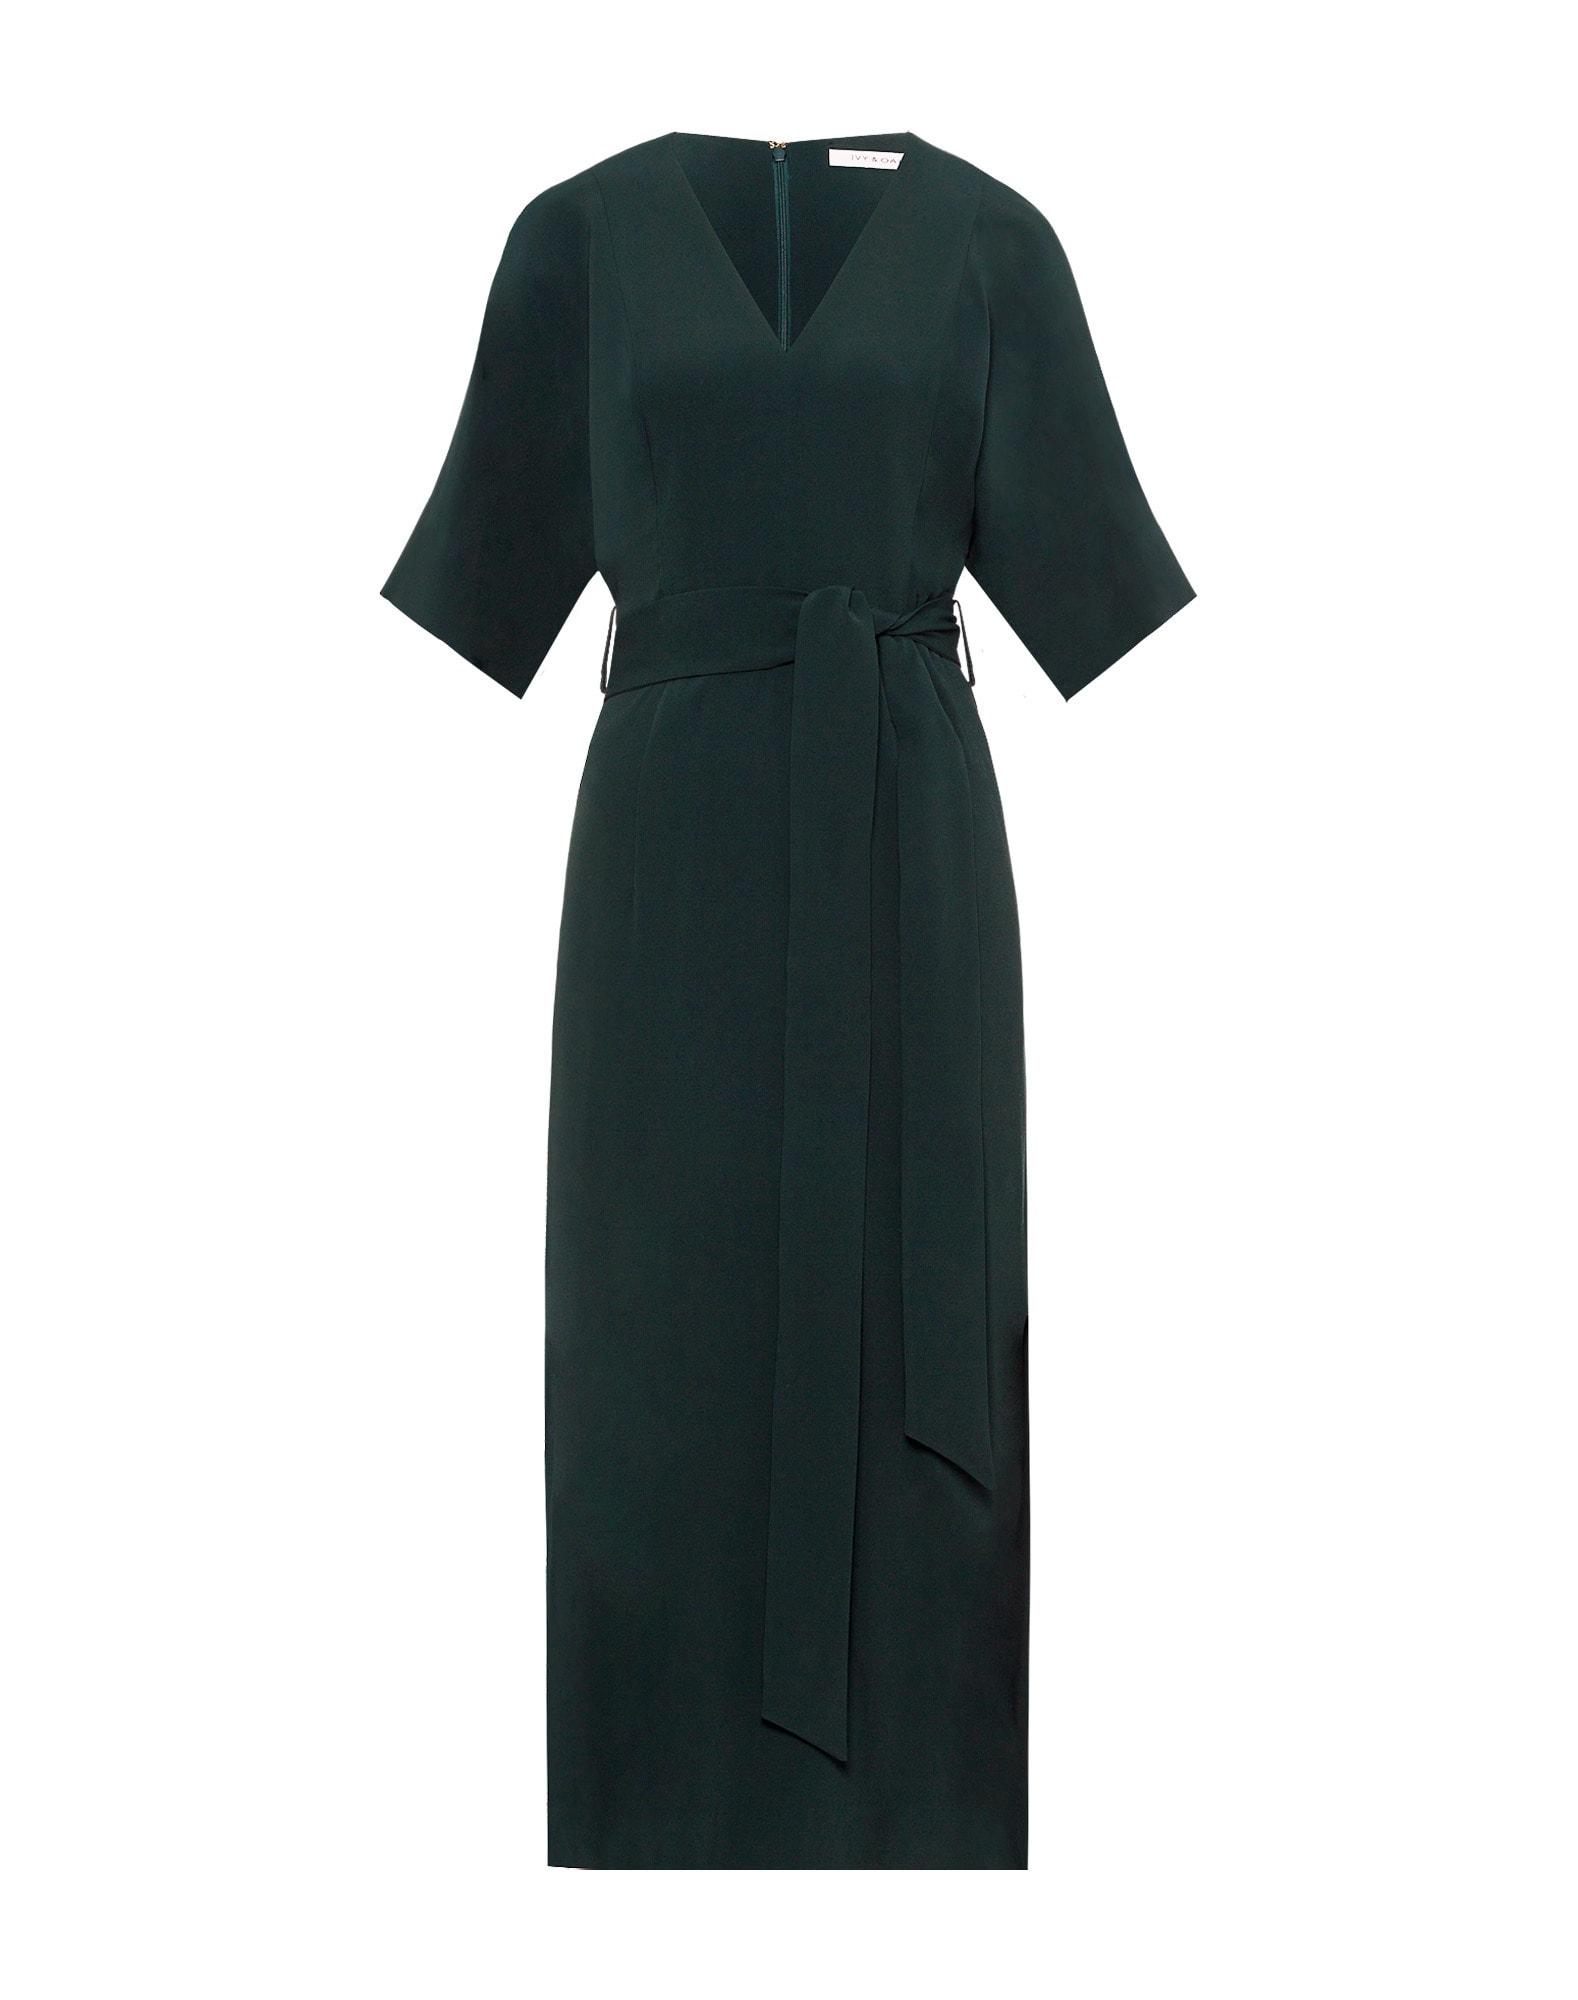 IVY & OAK Kokteilinė suknelė smaragdinė spalva